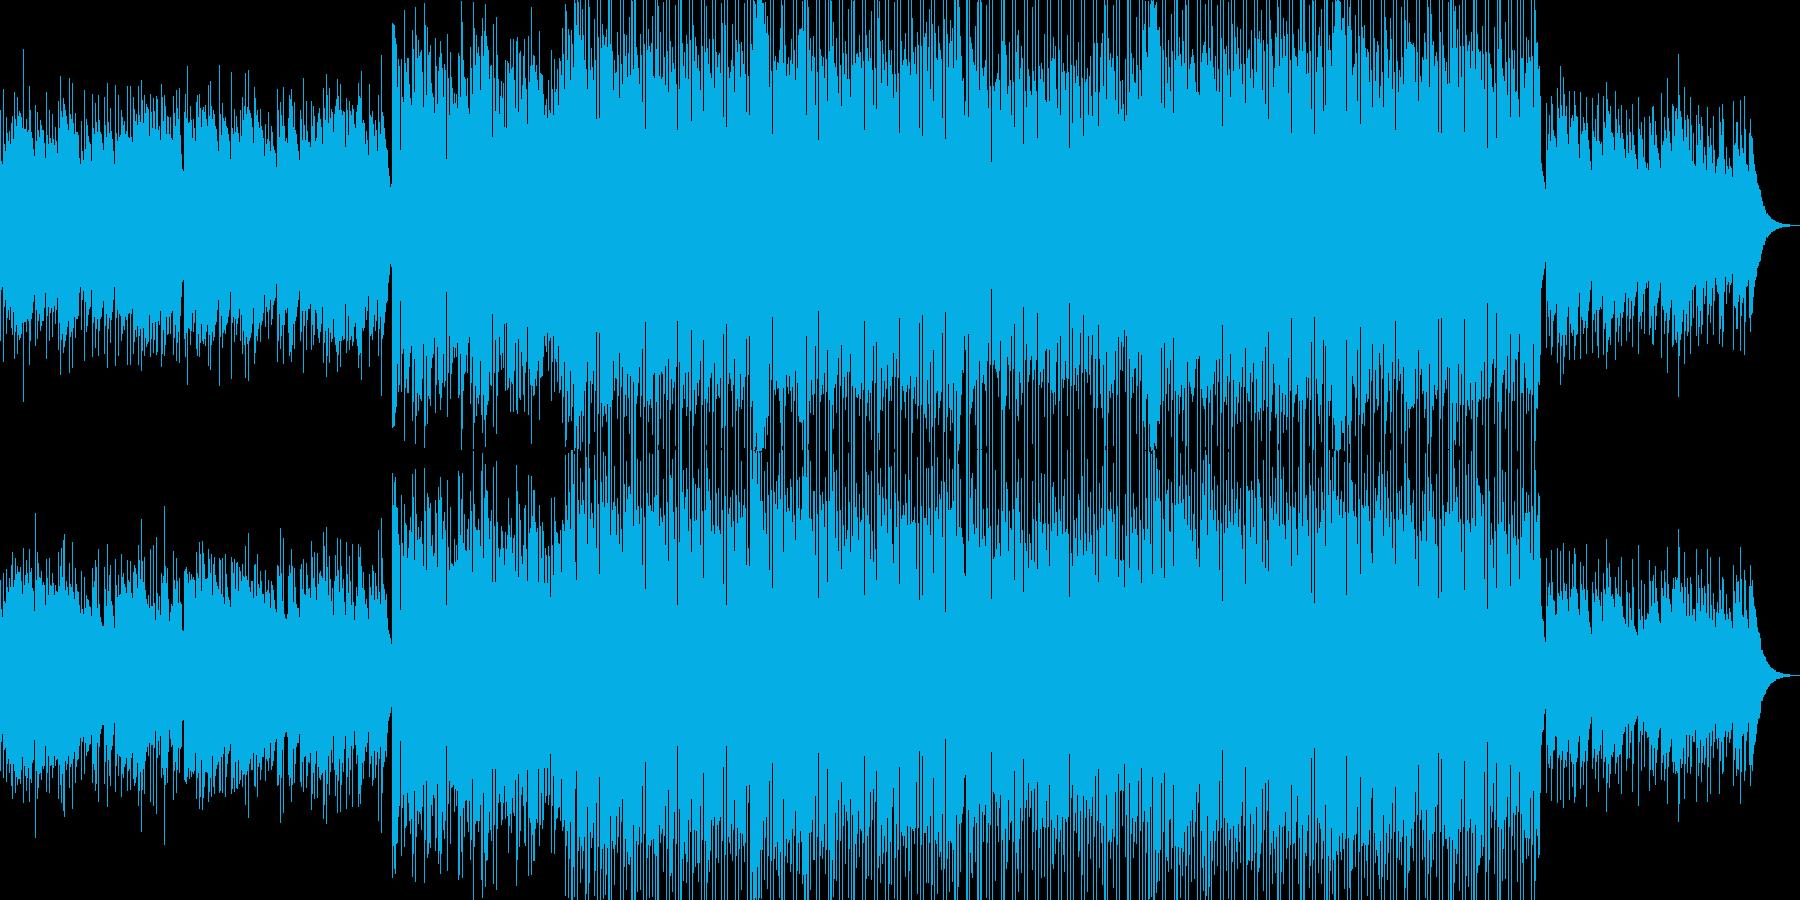 ベル系が多いキラキラした落ち着いた曲の再生済みの波形